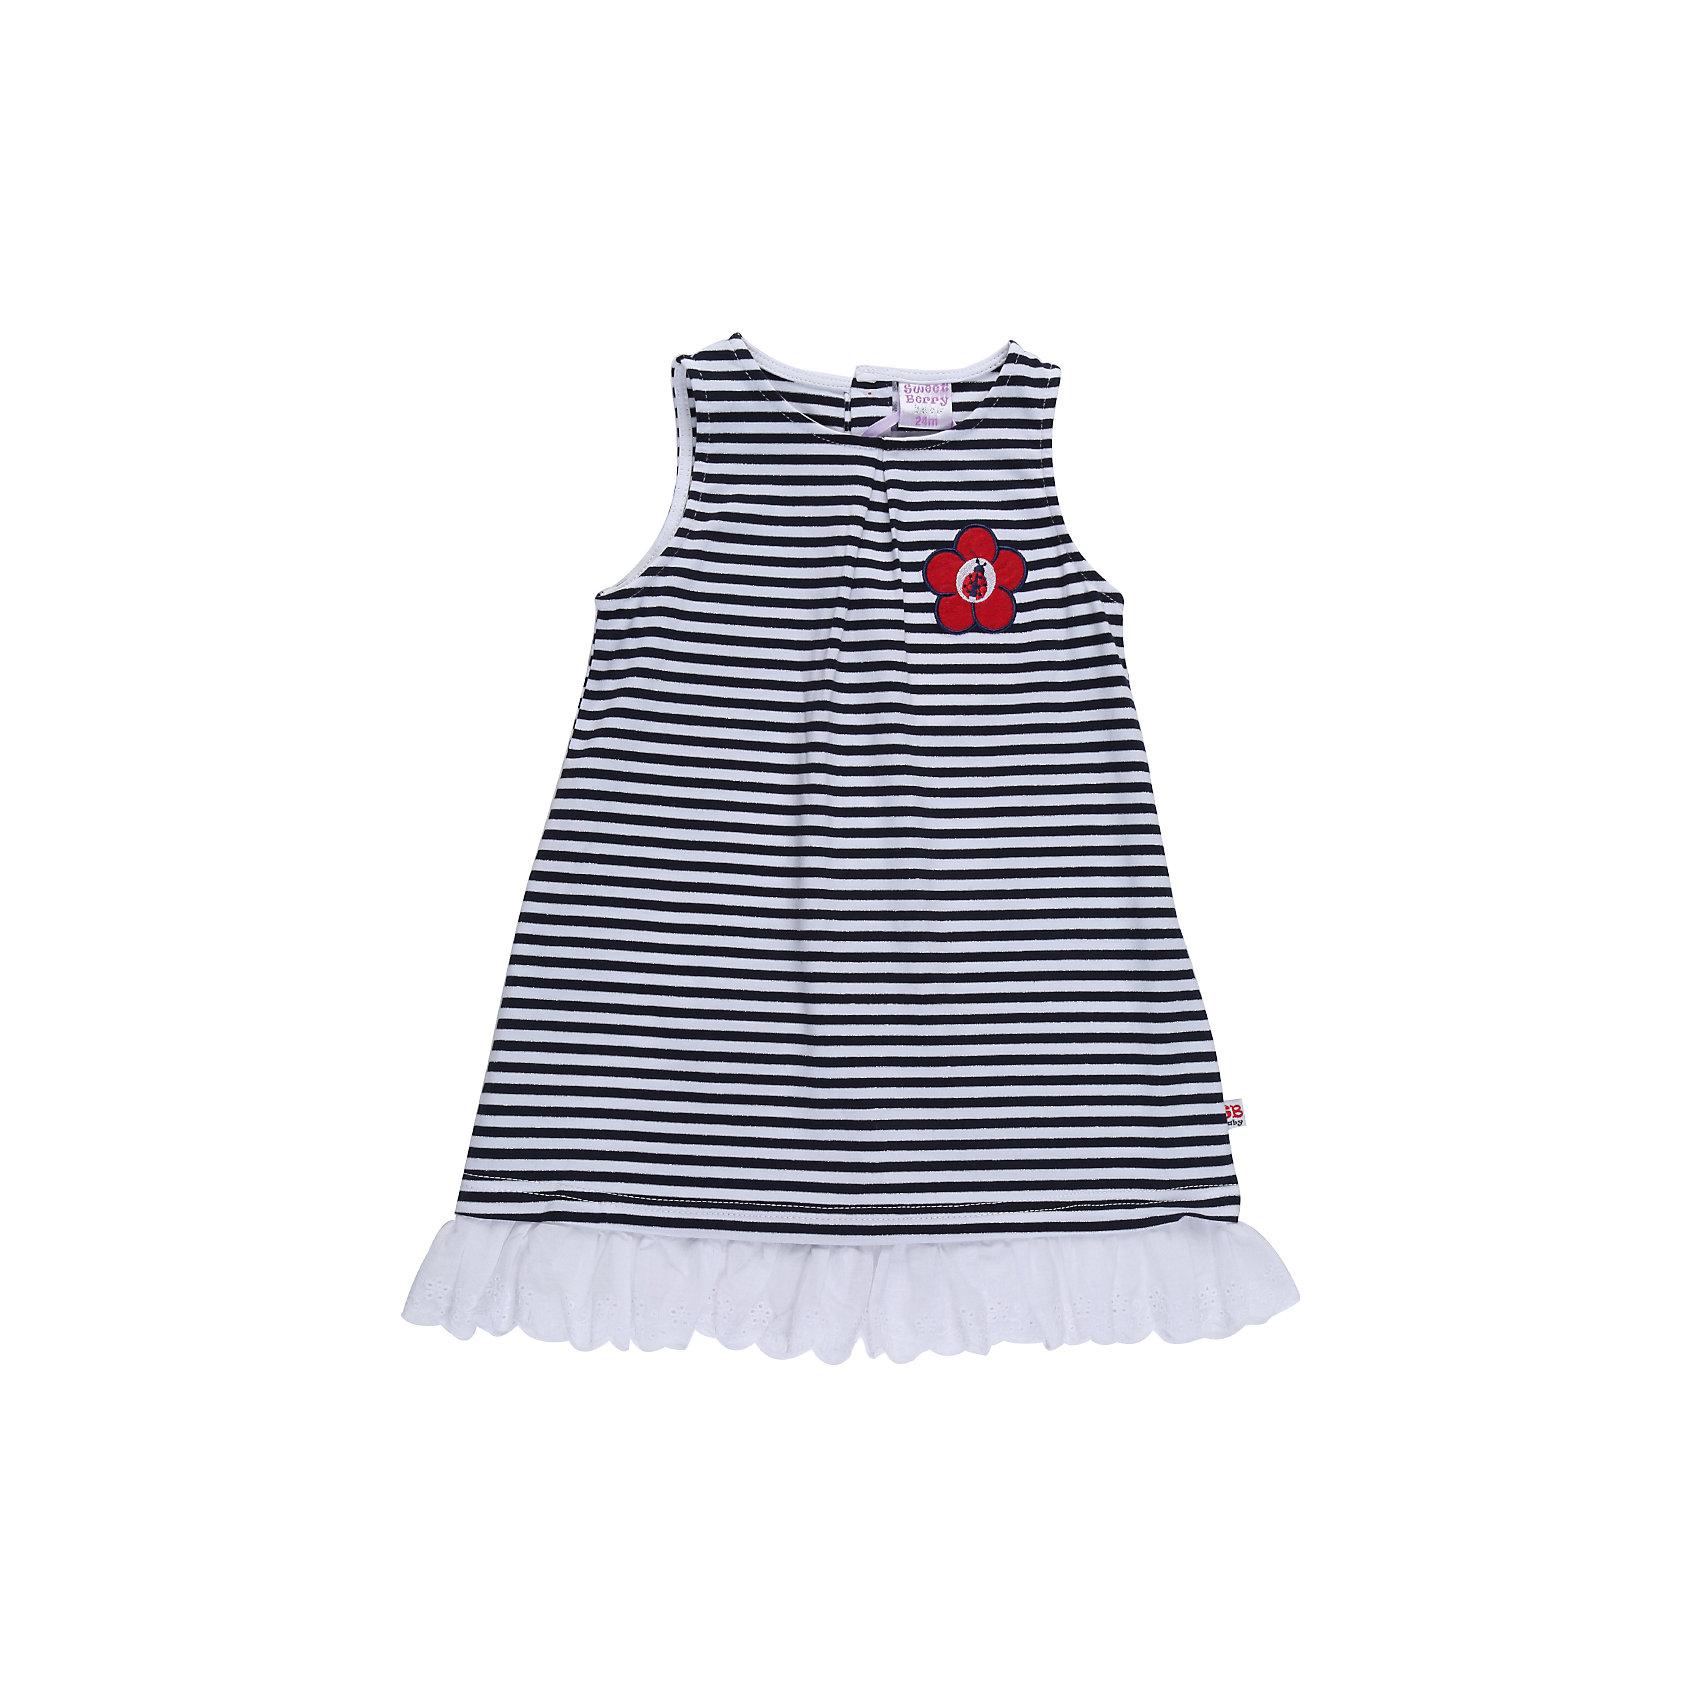 Платье для девочки Sweet BerryСарафан А-образного силуэта из трикотажного полотна для девочки. Низ декорирован кружевом.<br>Состав:<br>95%хлопок 5%эластан<br><br>Ширина мм: 236<br>Глубина мм: 16<br>Высота мм: 184<br>Вес г: 177<br>Цвет: разноцветный<br>Возраст от месяцев: 24<br>Возраст до месяцев: 36<br>Пол: Женский<br>Возраст: Детский<br>Размер: 98,80,86,92<br>SKU: 5411038